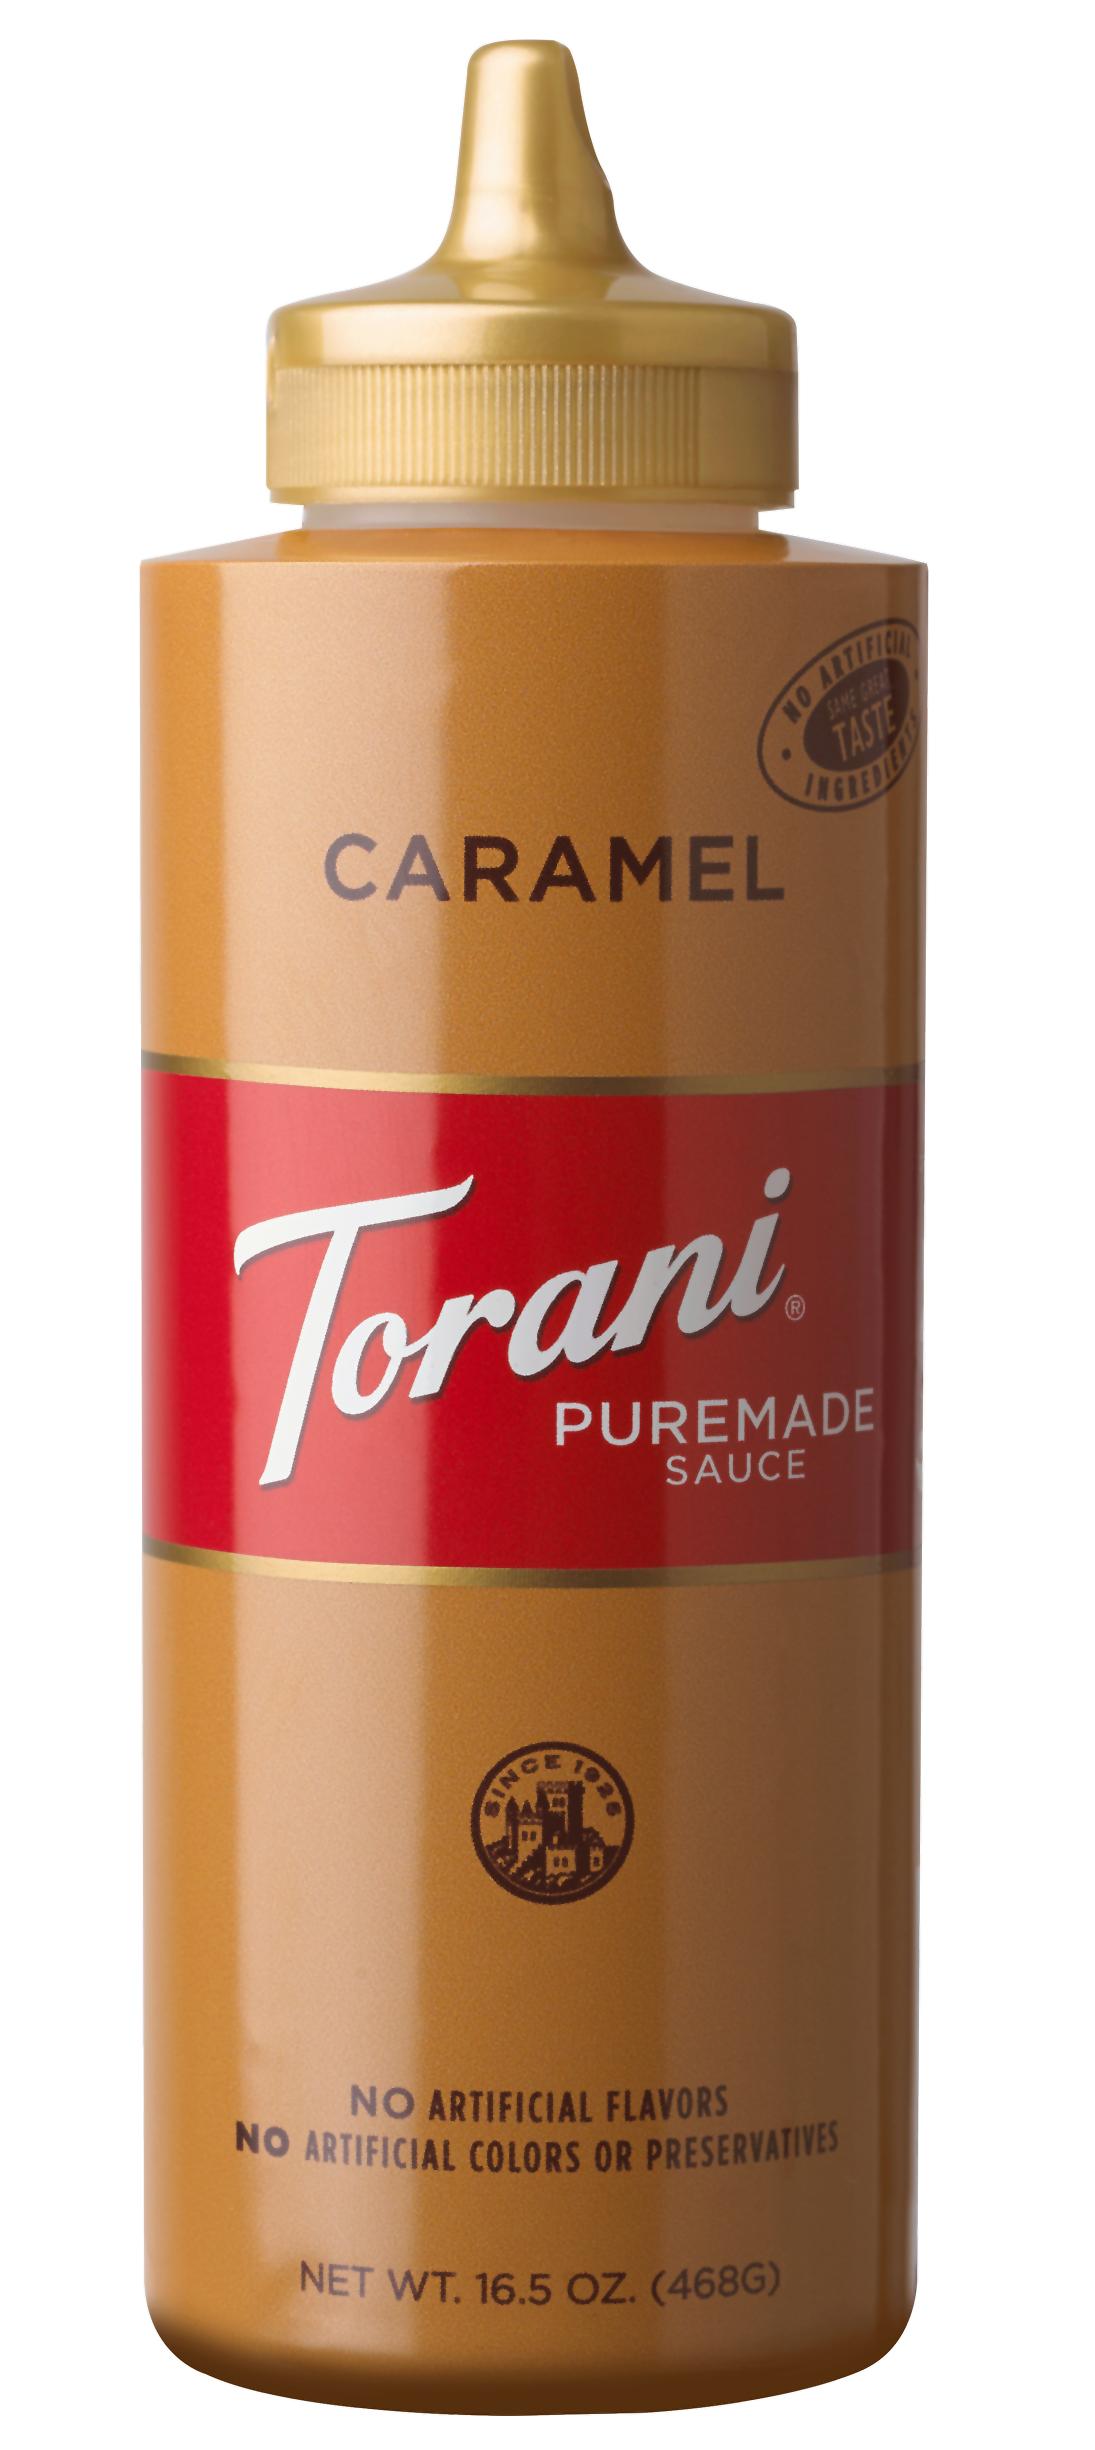 Caramel Sauce 16.5oz image